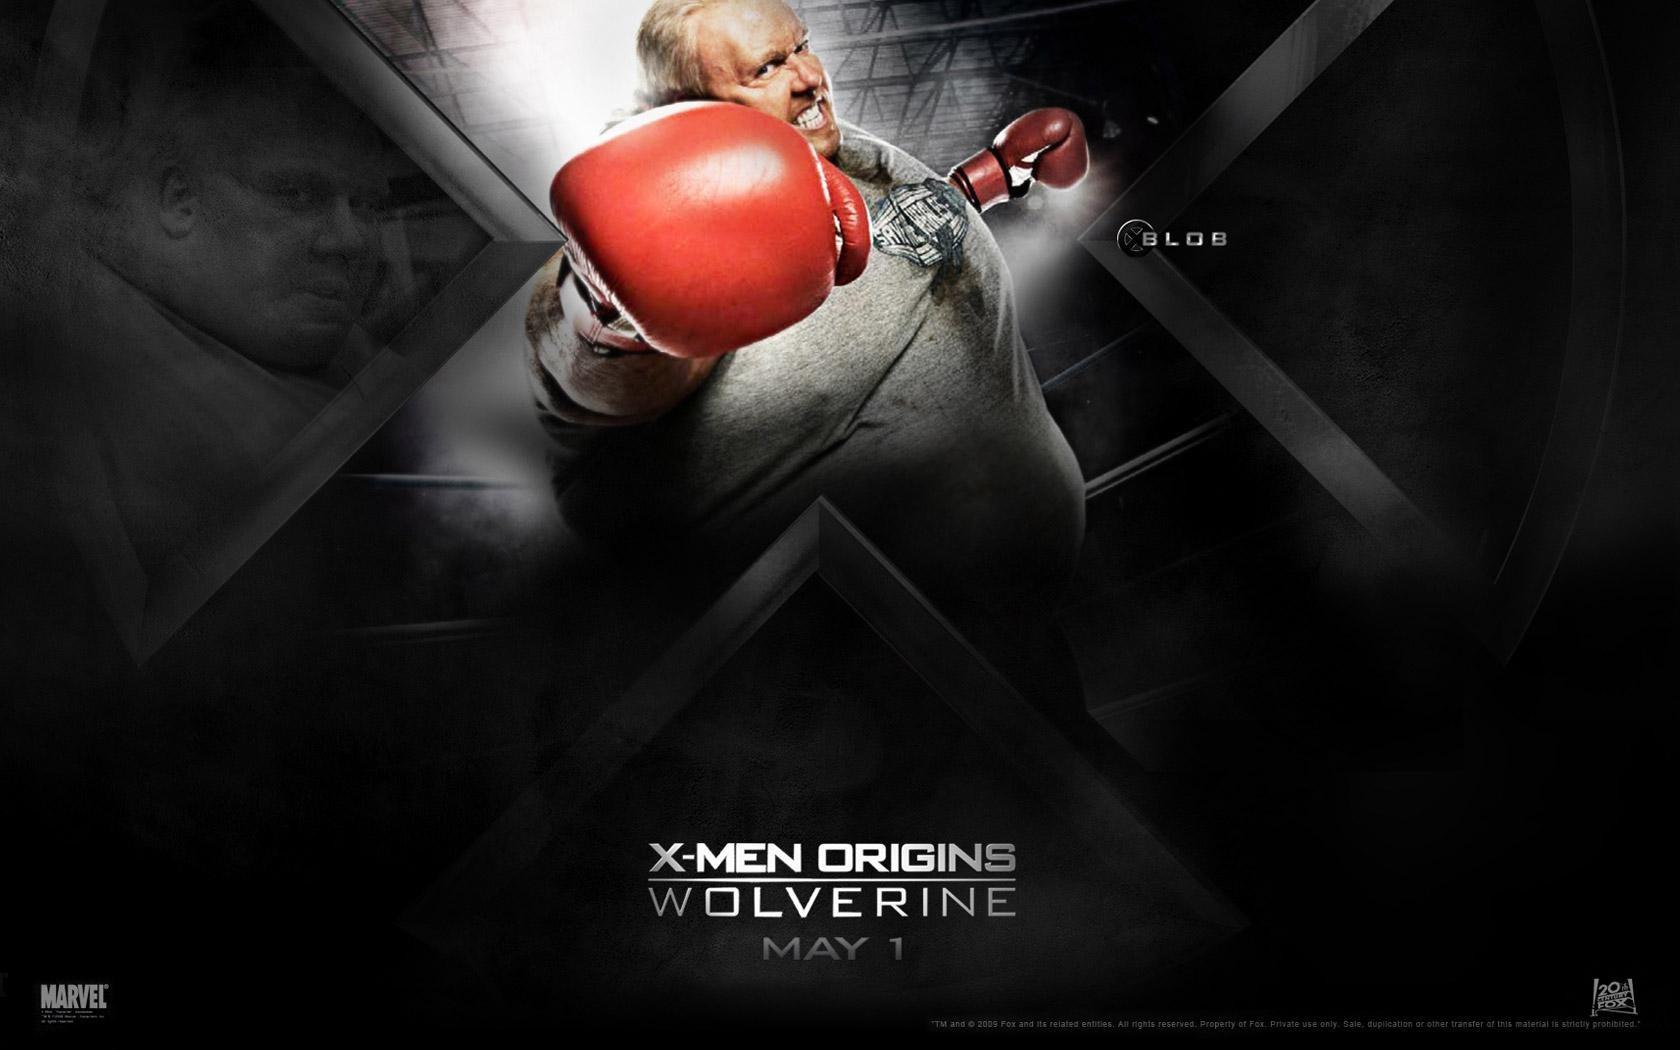 Un wallaper del film X-Men - Le origini: Wolverine con Kevin Durand, interprete di Blob